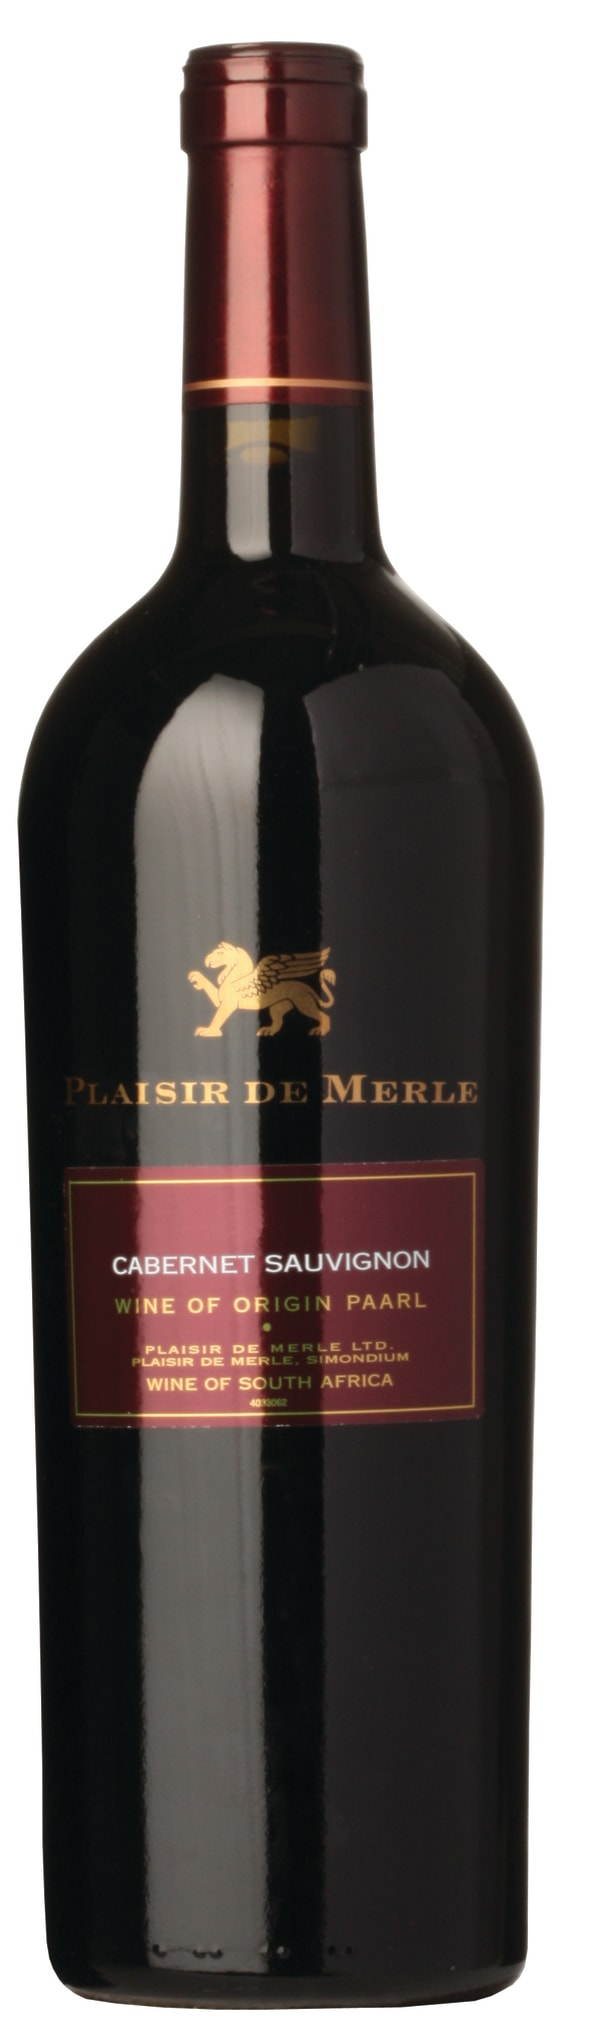 Plaisir de Merle Cabernet Sauvignon 2012